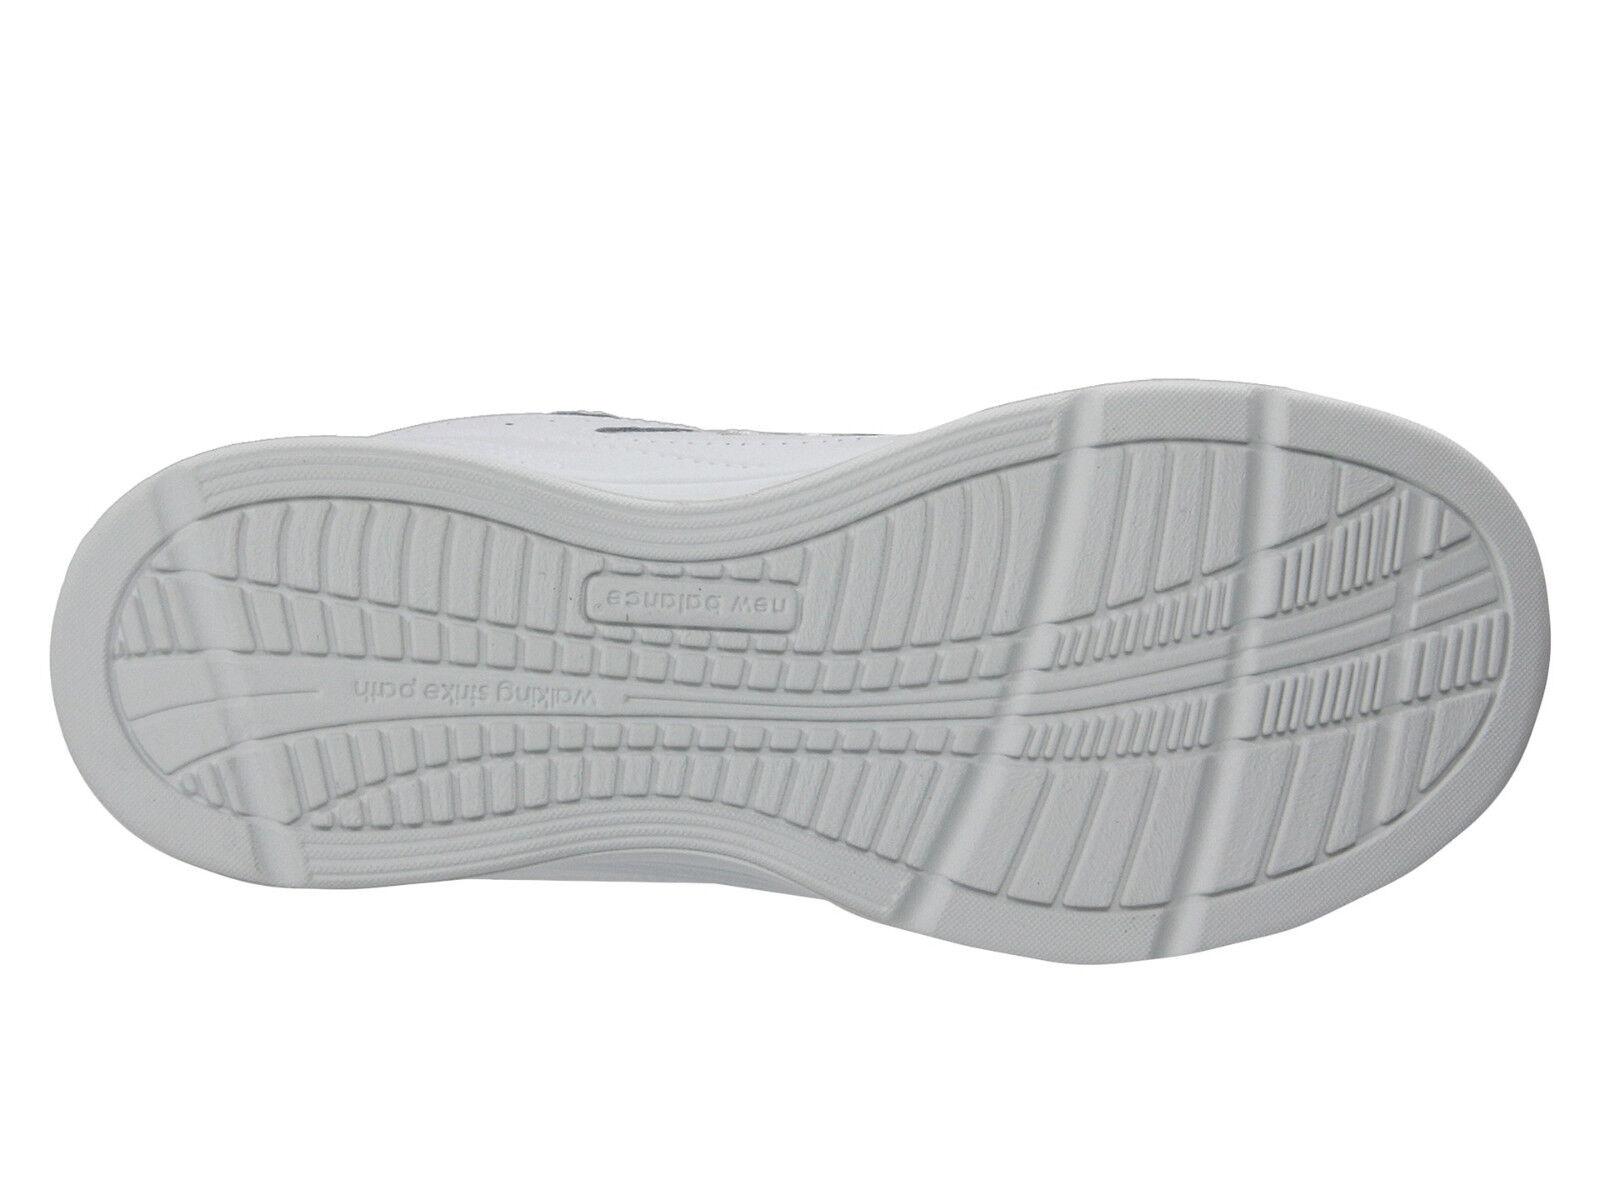 Men New Balance MW577WT MW577WT MW577WT Walking (Medium D) bianca 100% Authentic Brand New 15e4d1